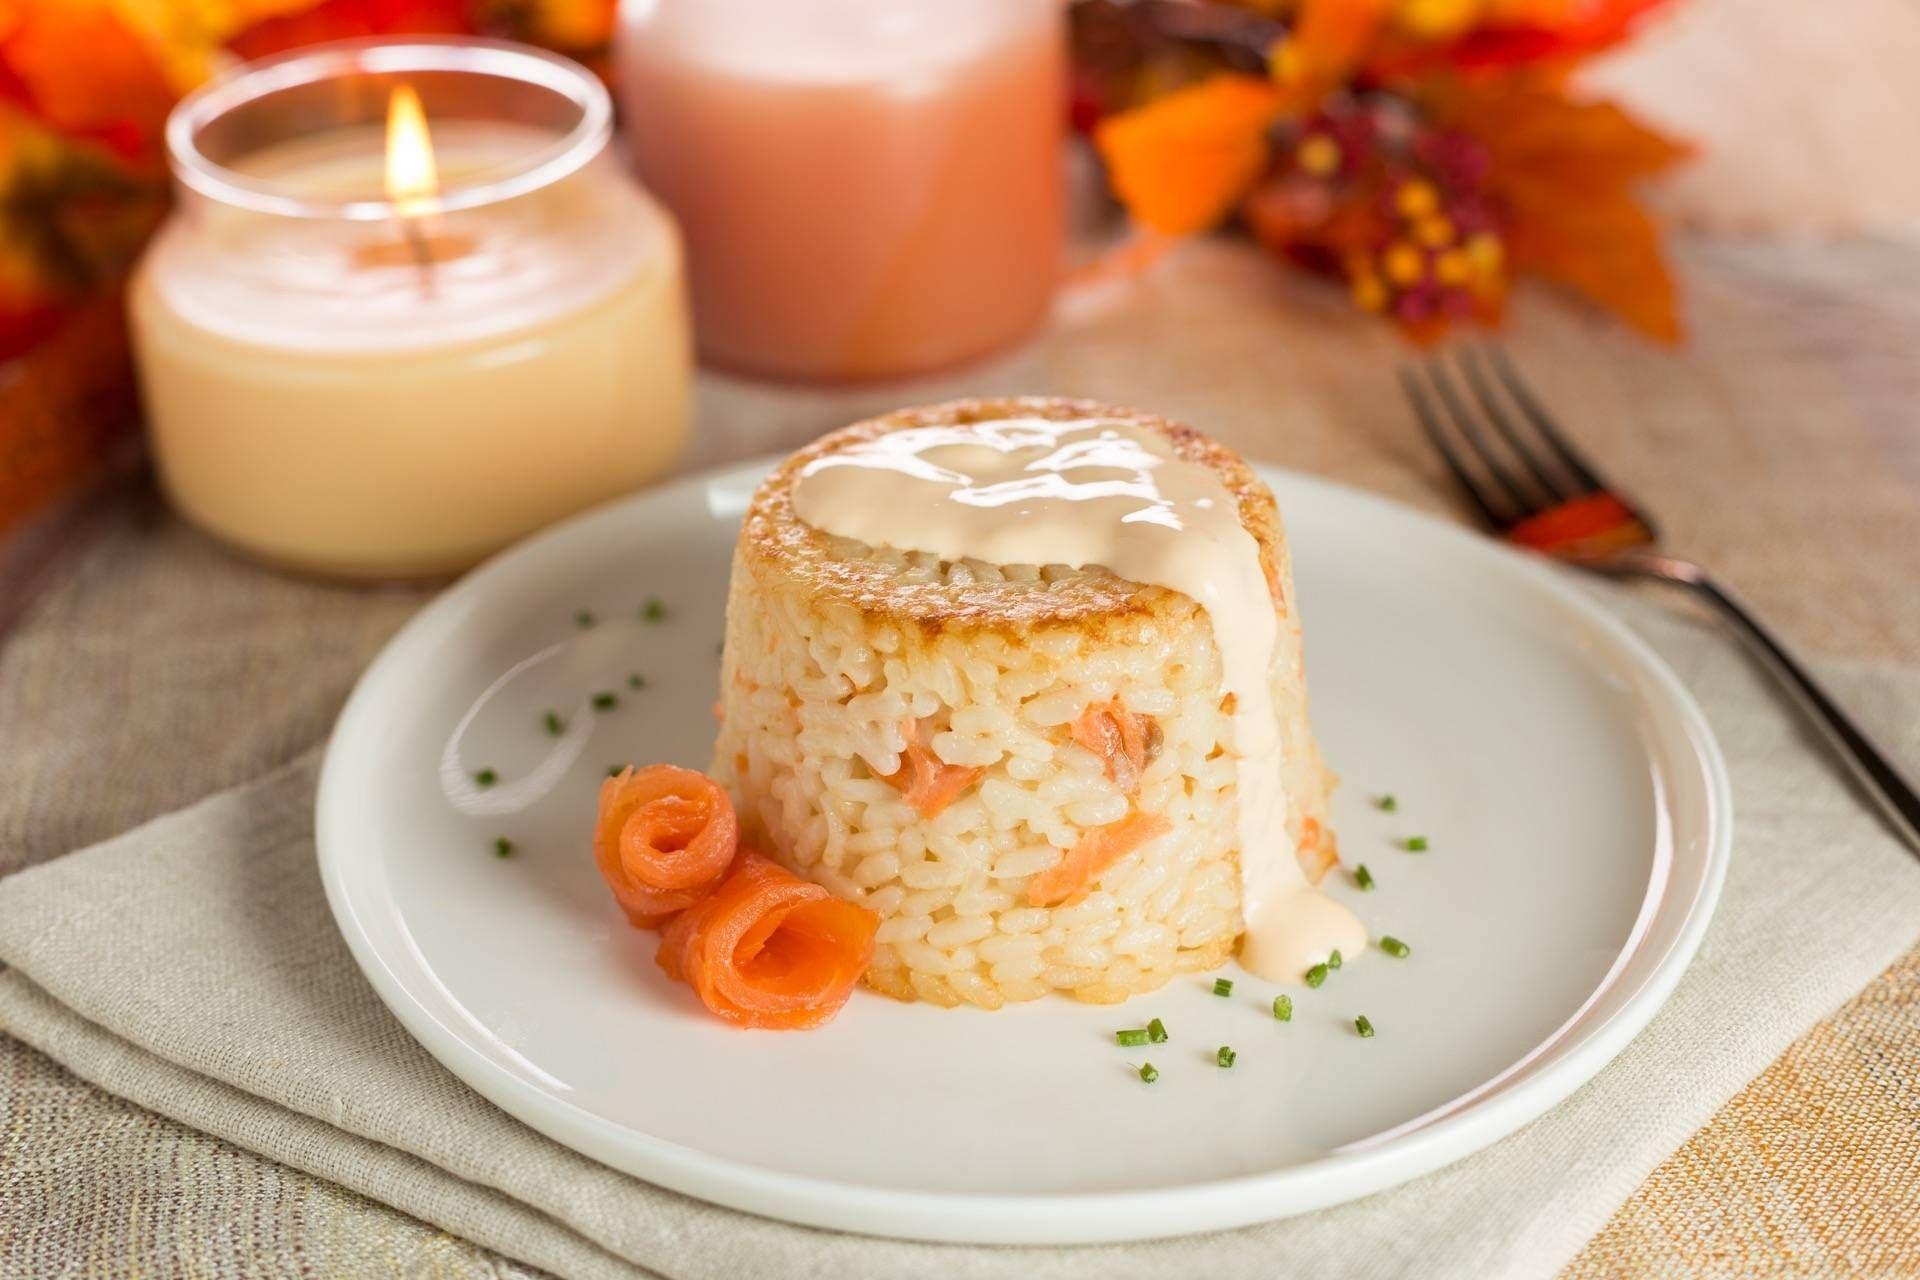 Sformatini di riso al salmone - Parmalat